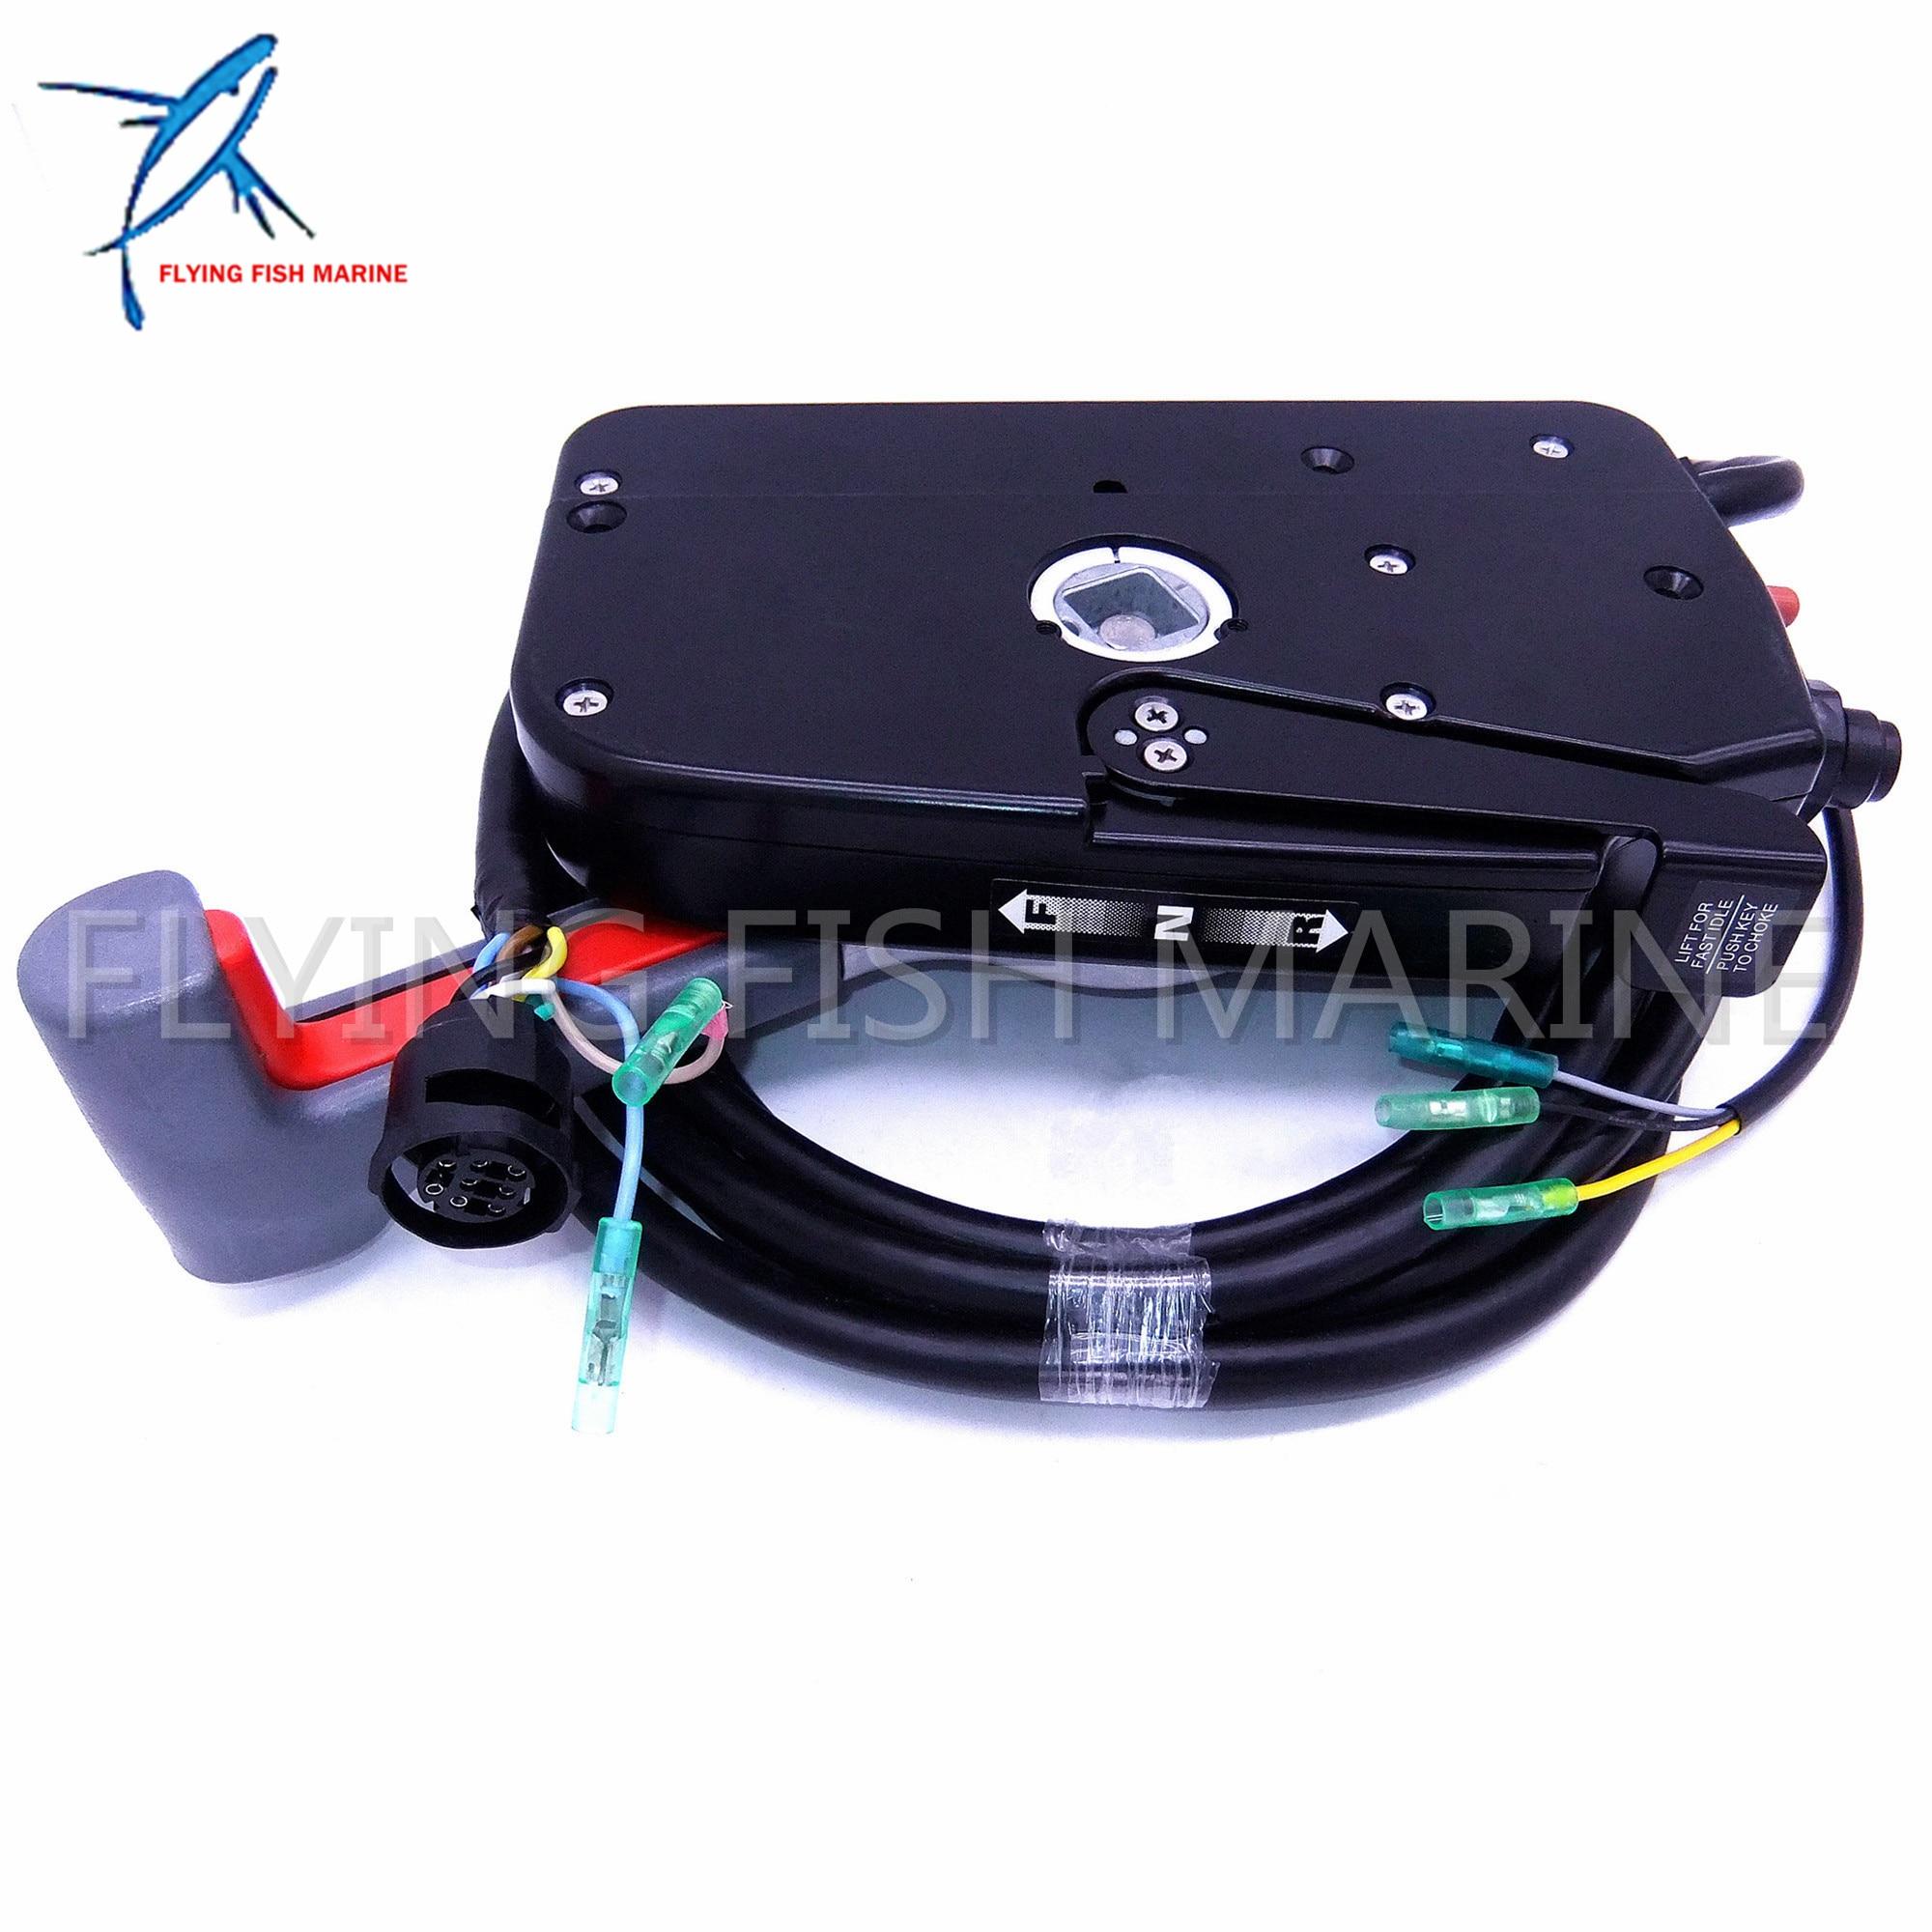 67200 99E56 Side Remote Control Box for Suzuki Outboard Motors with PT Push 67000 99E56 67200